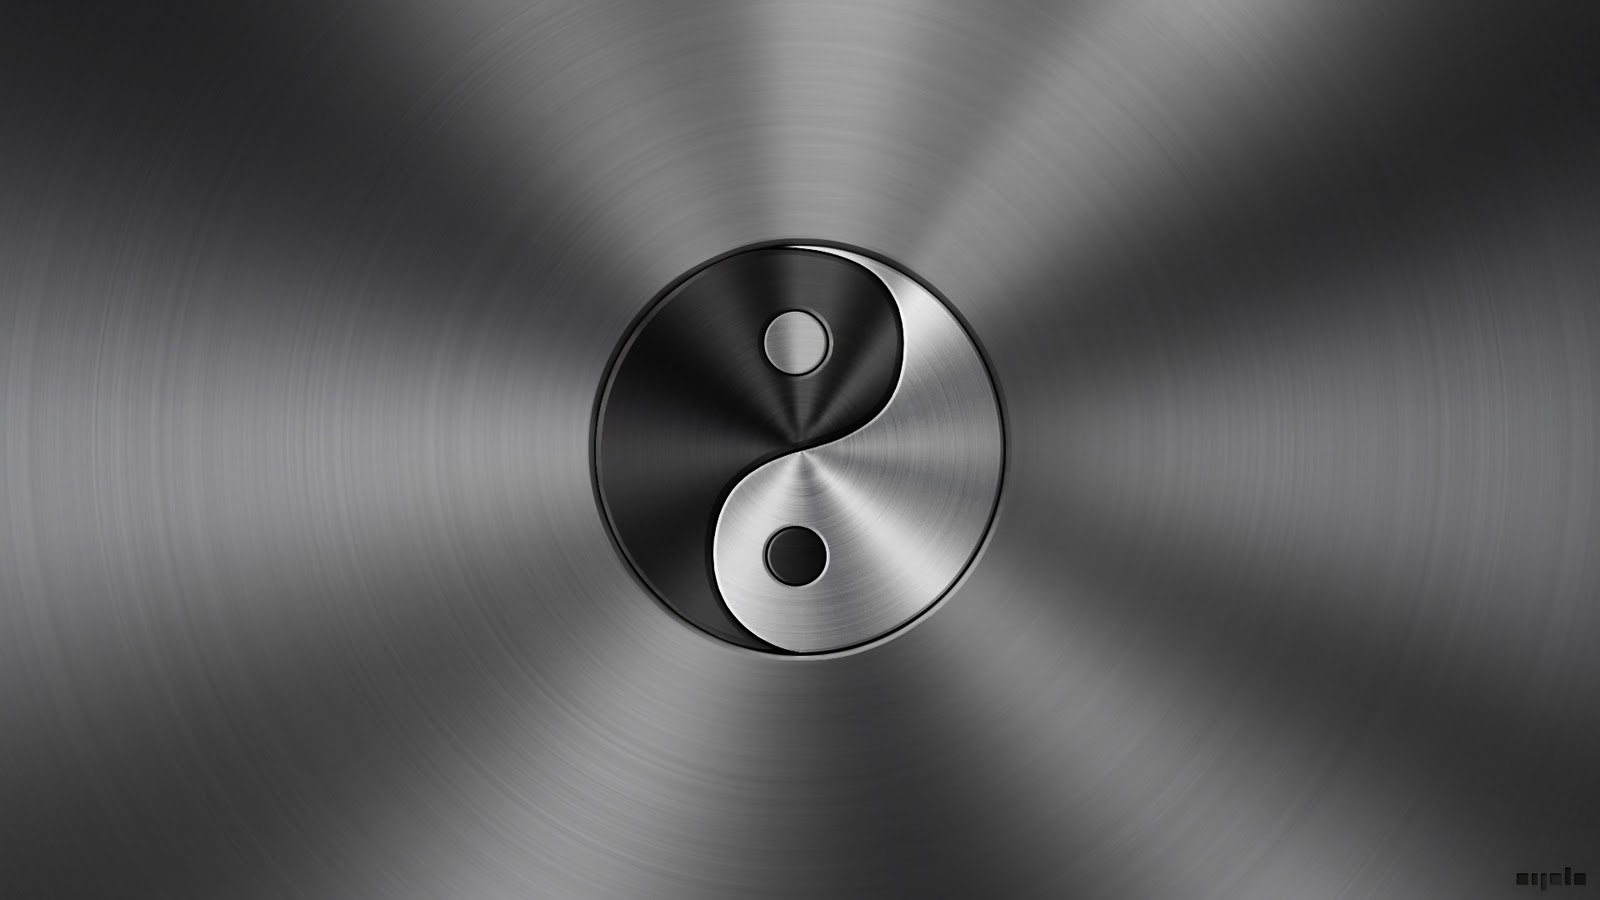 Free wallpicz wallpaper desktop yin yang - Yin and yang wallpaper ...